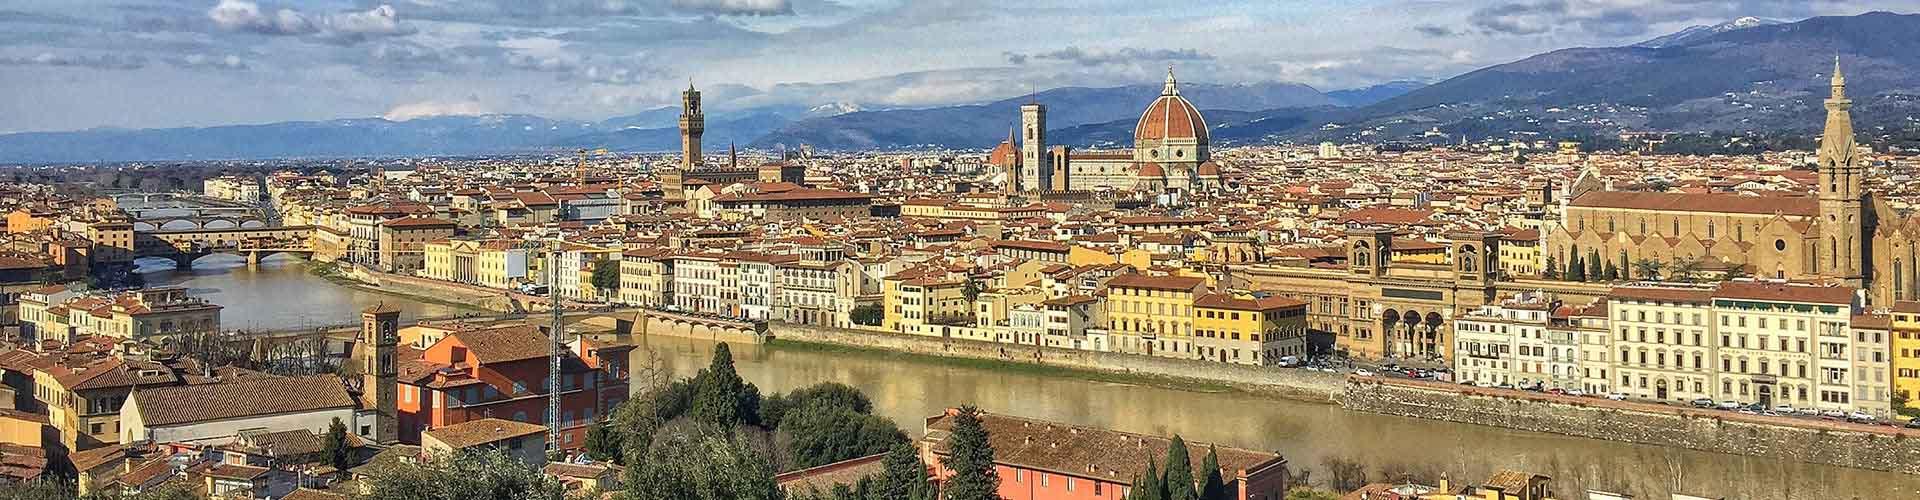 Firenze – Retkeily kaupungiosassa Duomo - Oltrarno. Firenze -karttoja, valokuvia ja arvosteluja kaikista Firenze -retkeilyalueista.